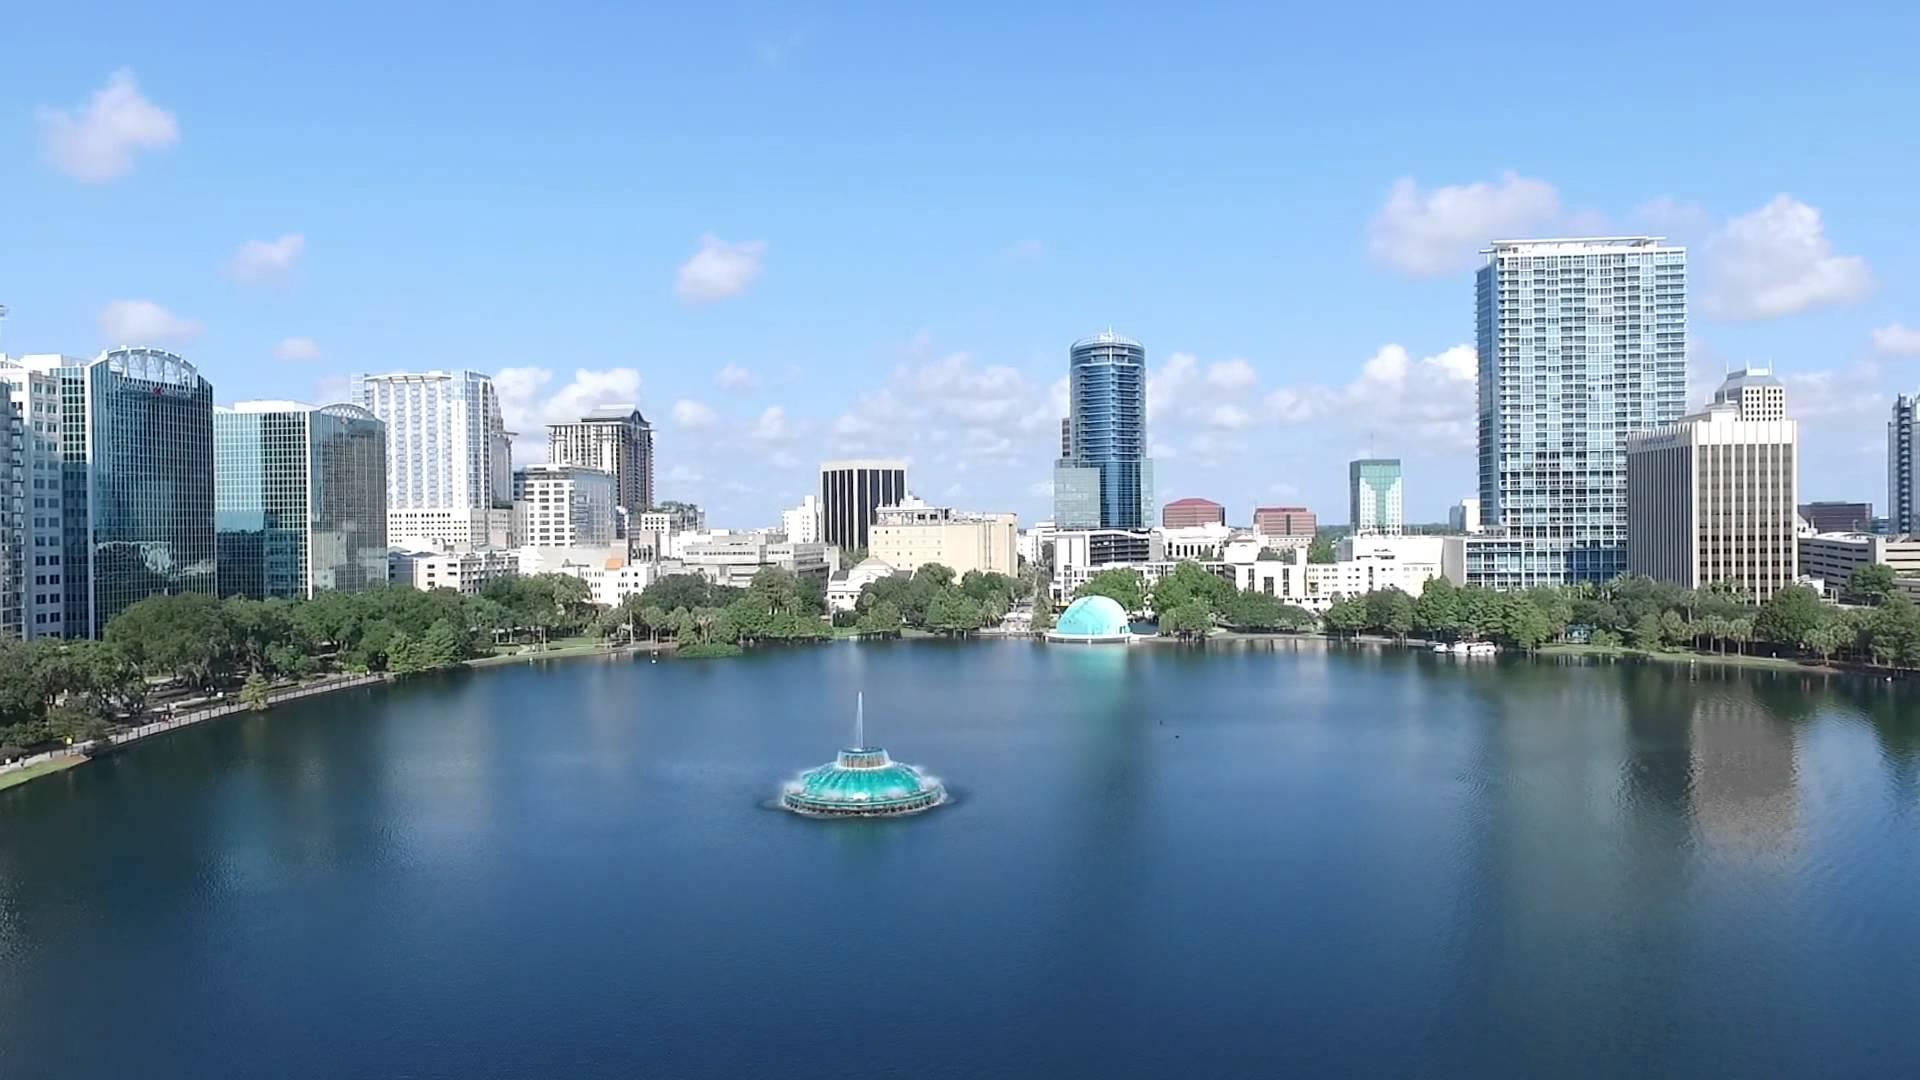 24 passeios alternativos grátis em Orlando e arredores